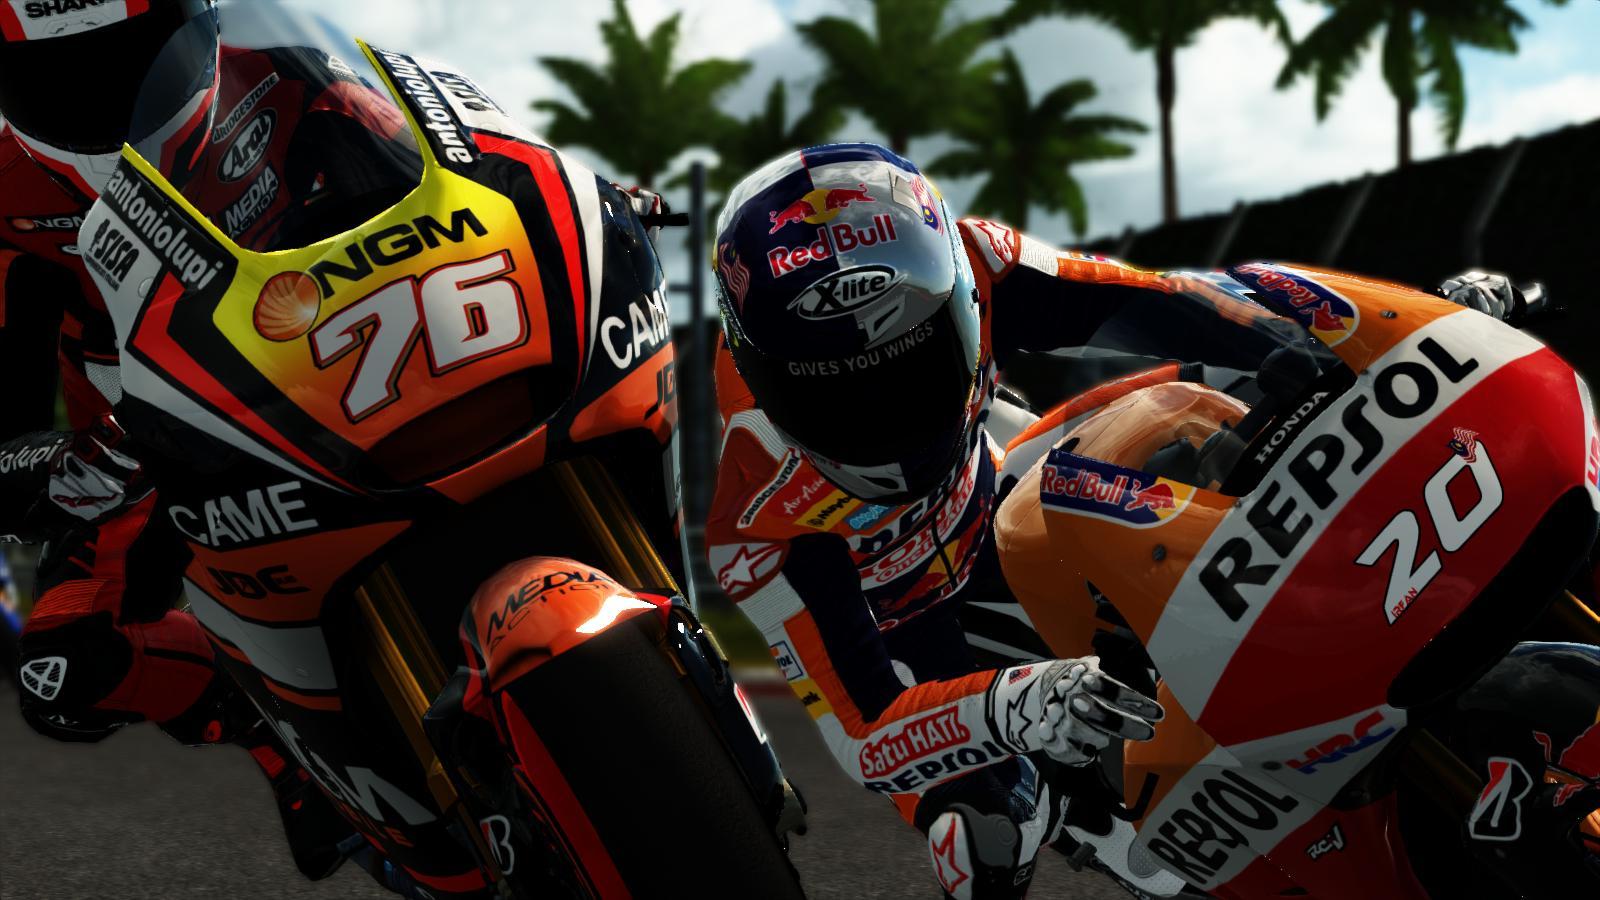 MotoGP14 2014-12-31 14-59-41-76.jpg